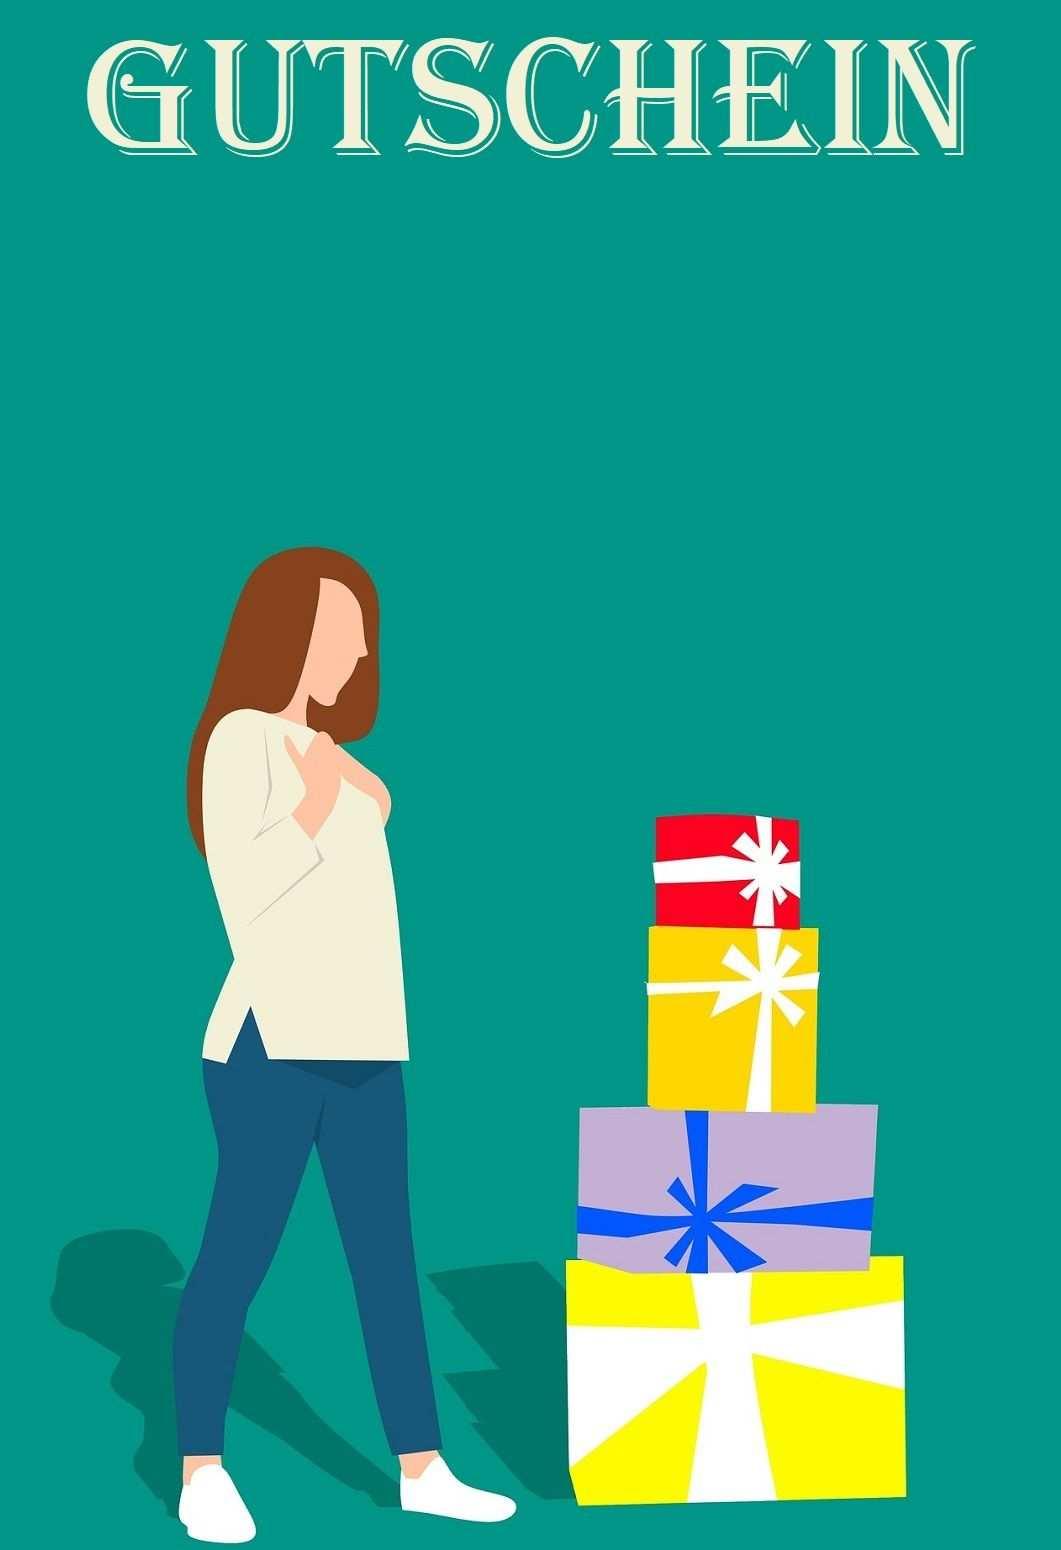 Hier Finden Sie Eine Gutscheinvorlage Passend Zum Geburtstag